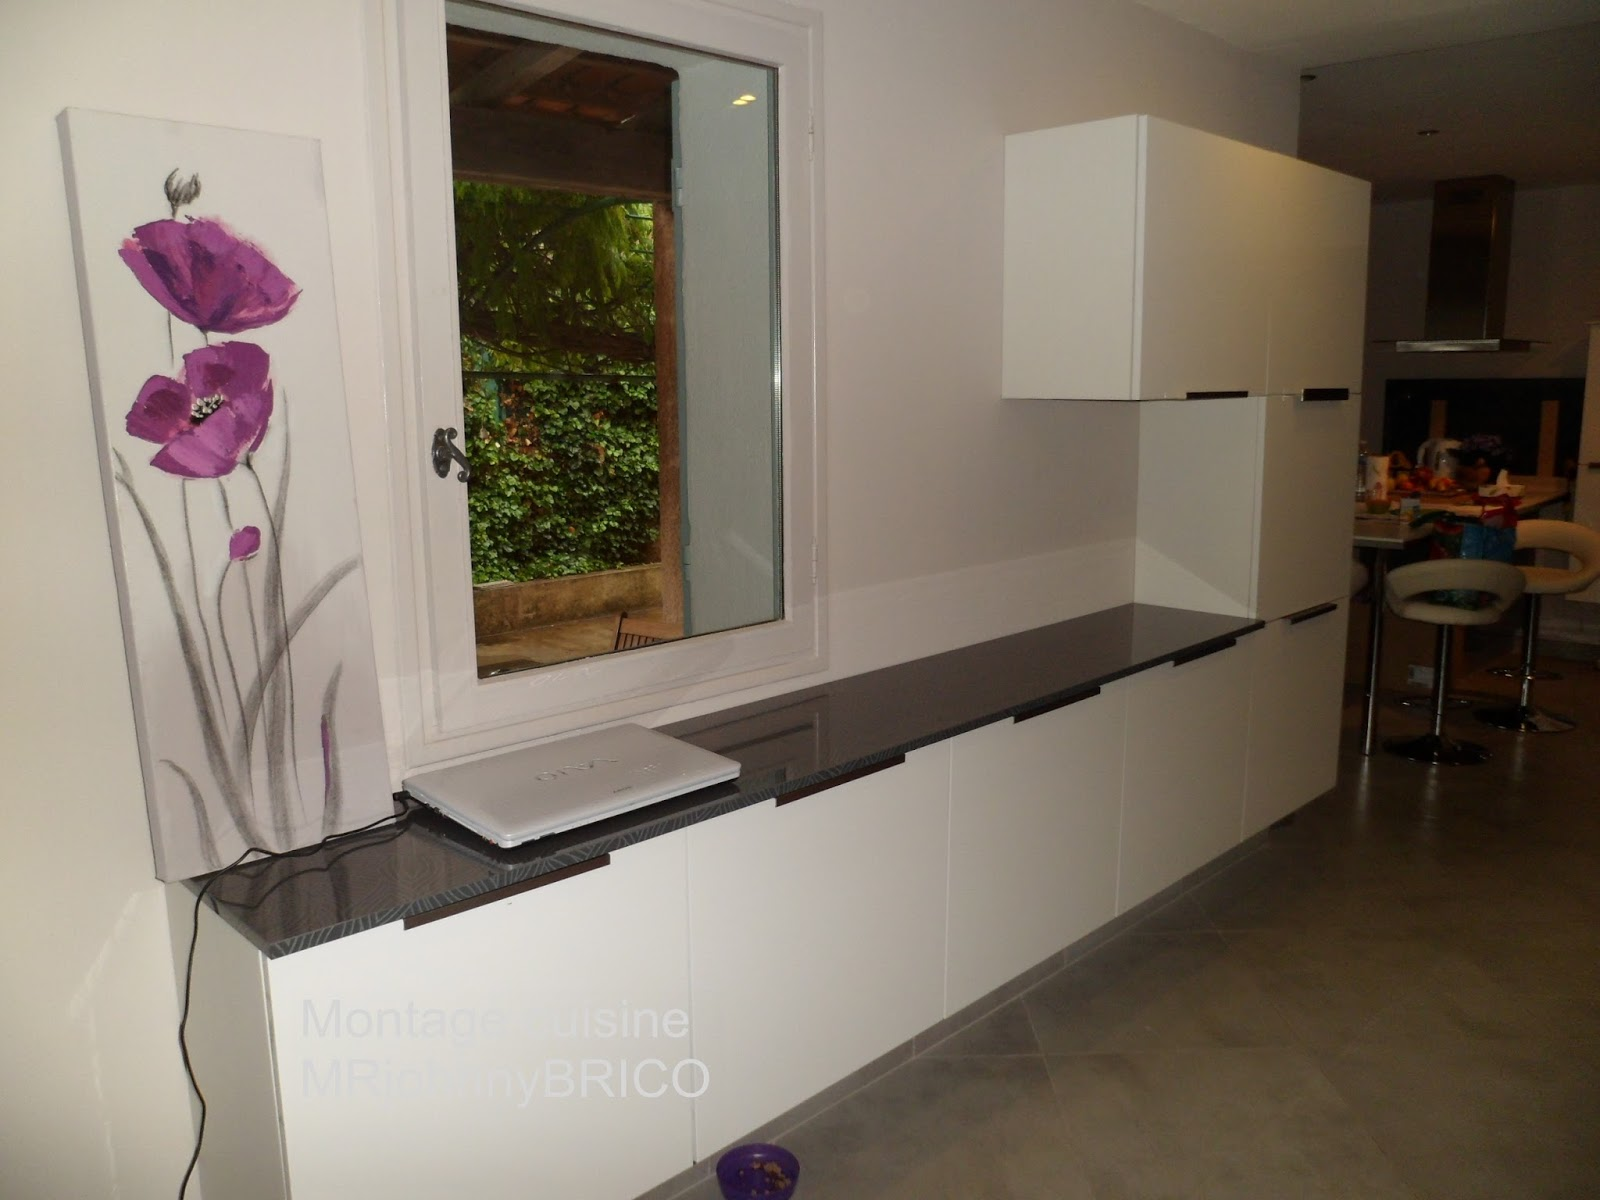 Montage de meuble saint maximin assemblage de meubles en kit - Montage cuisine ikea ...